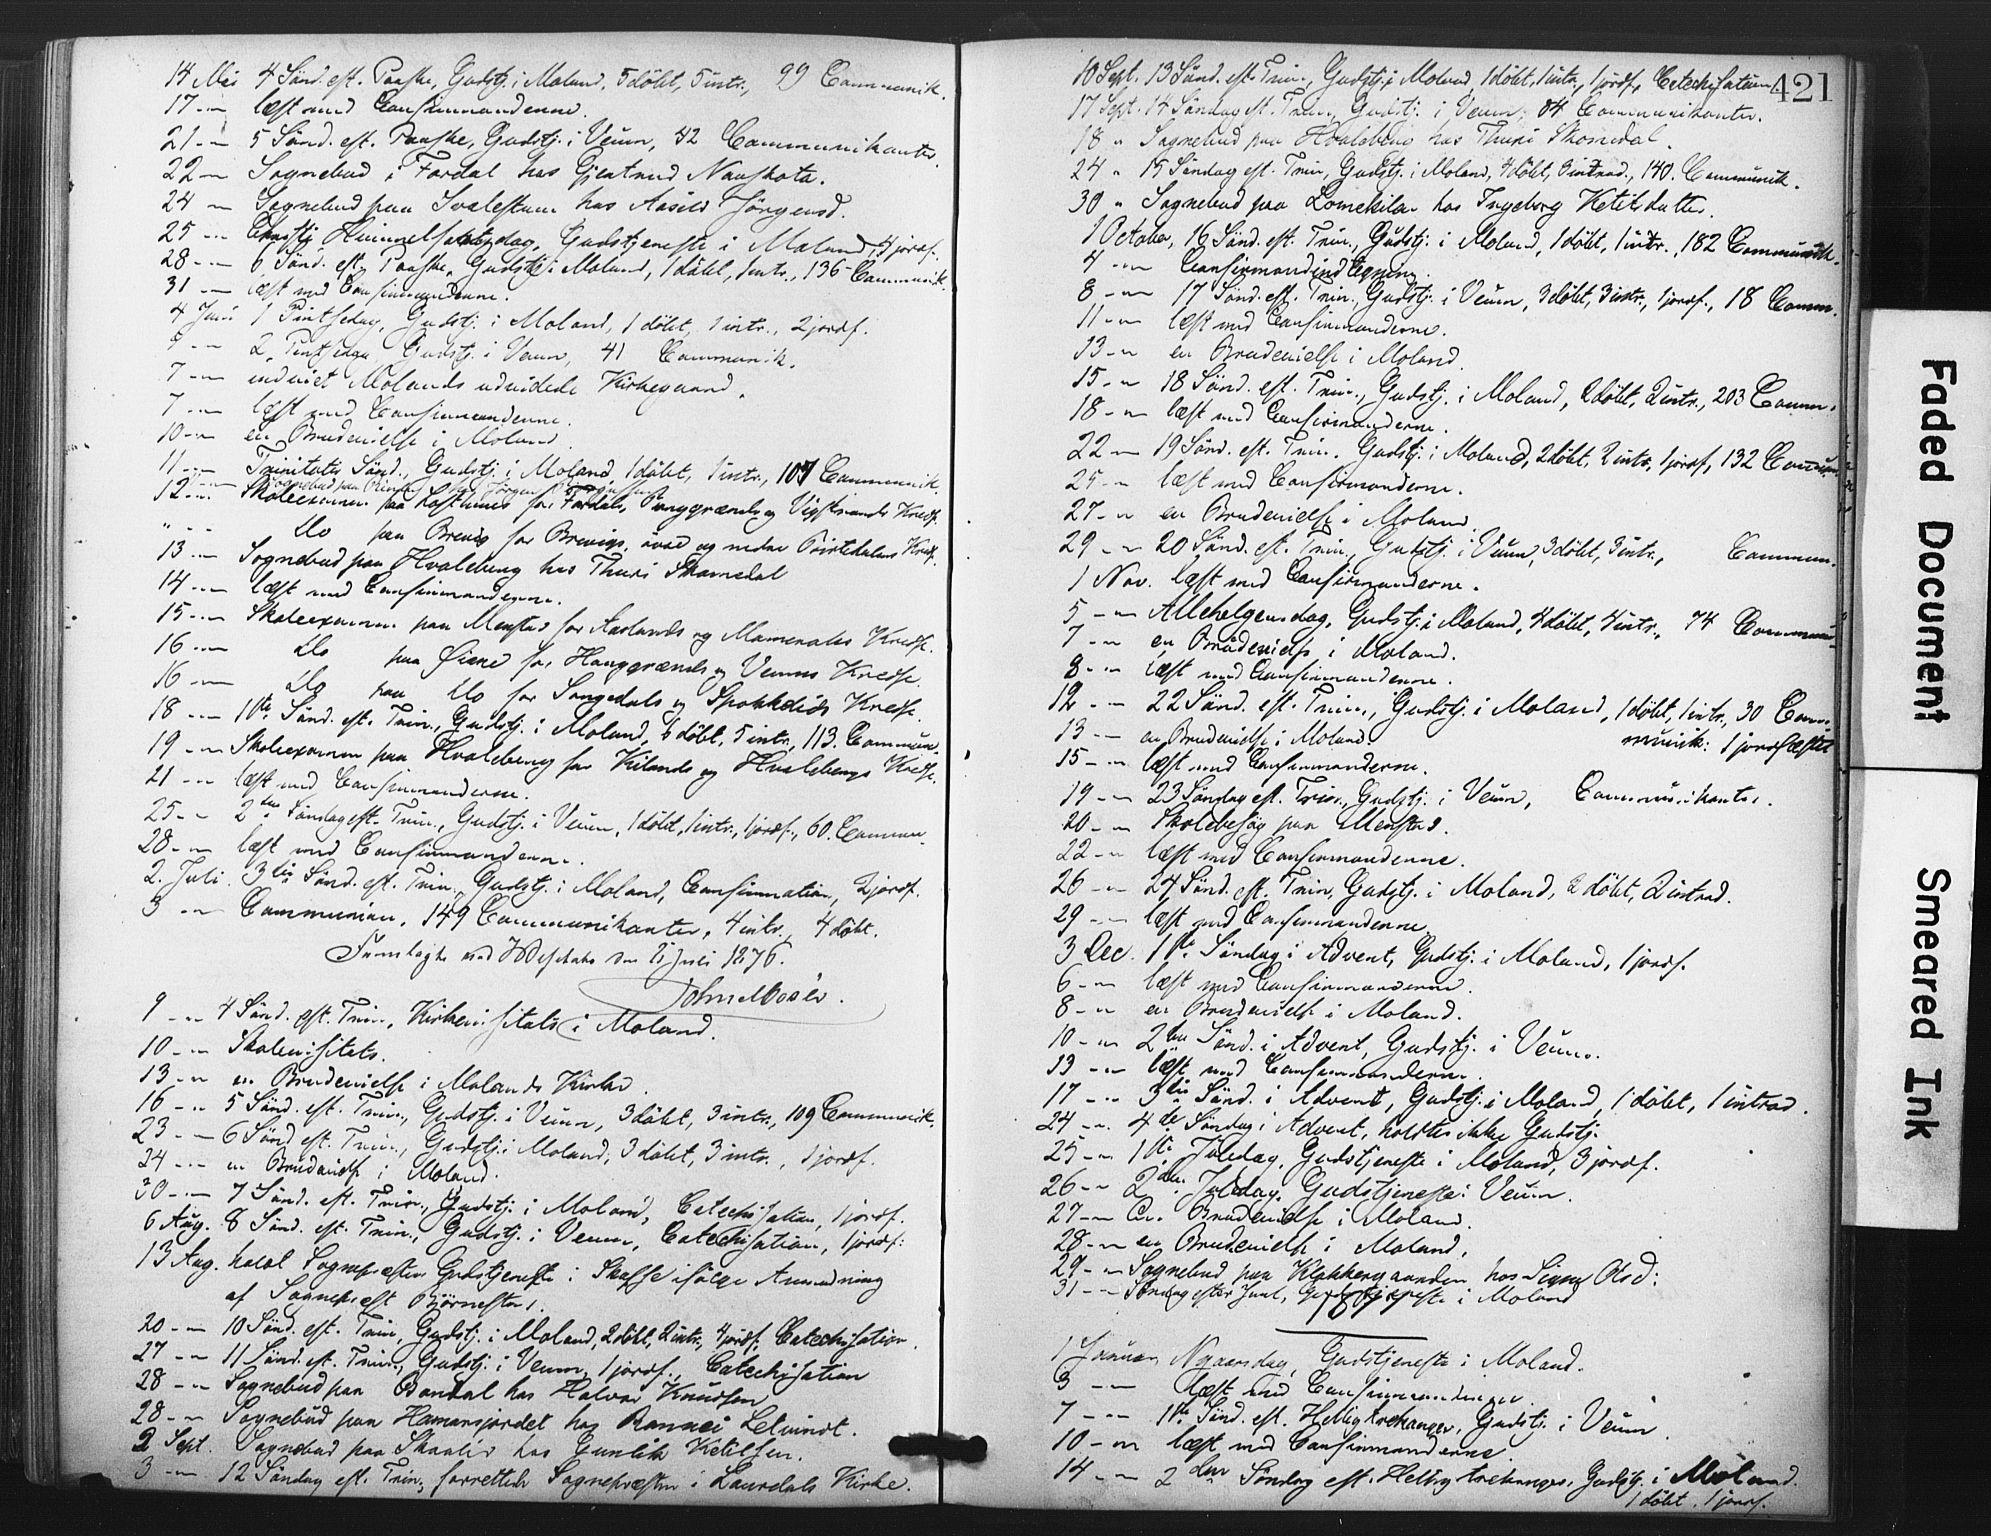 SAKO, Fyresdal kirkebøker, F/Fa/L0006: Ministerialbok nr. I 6, 1872-1886, s. 421